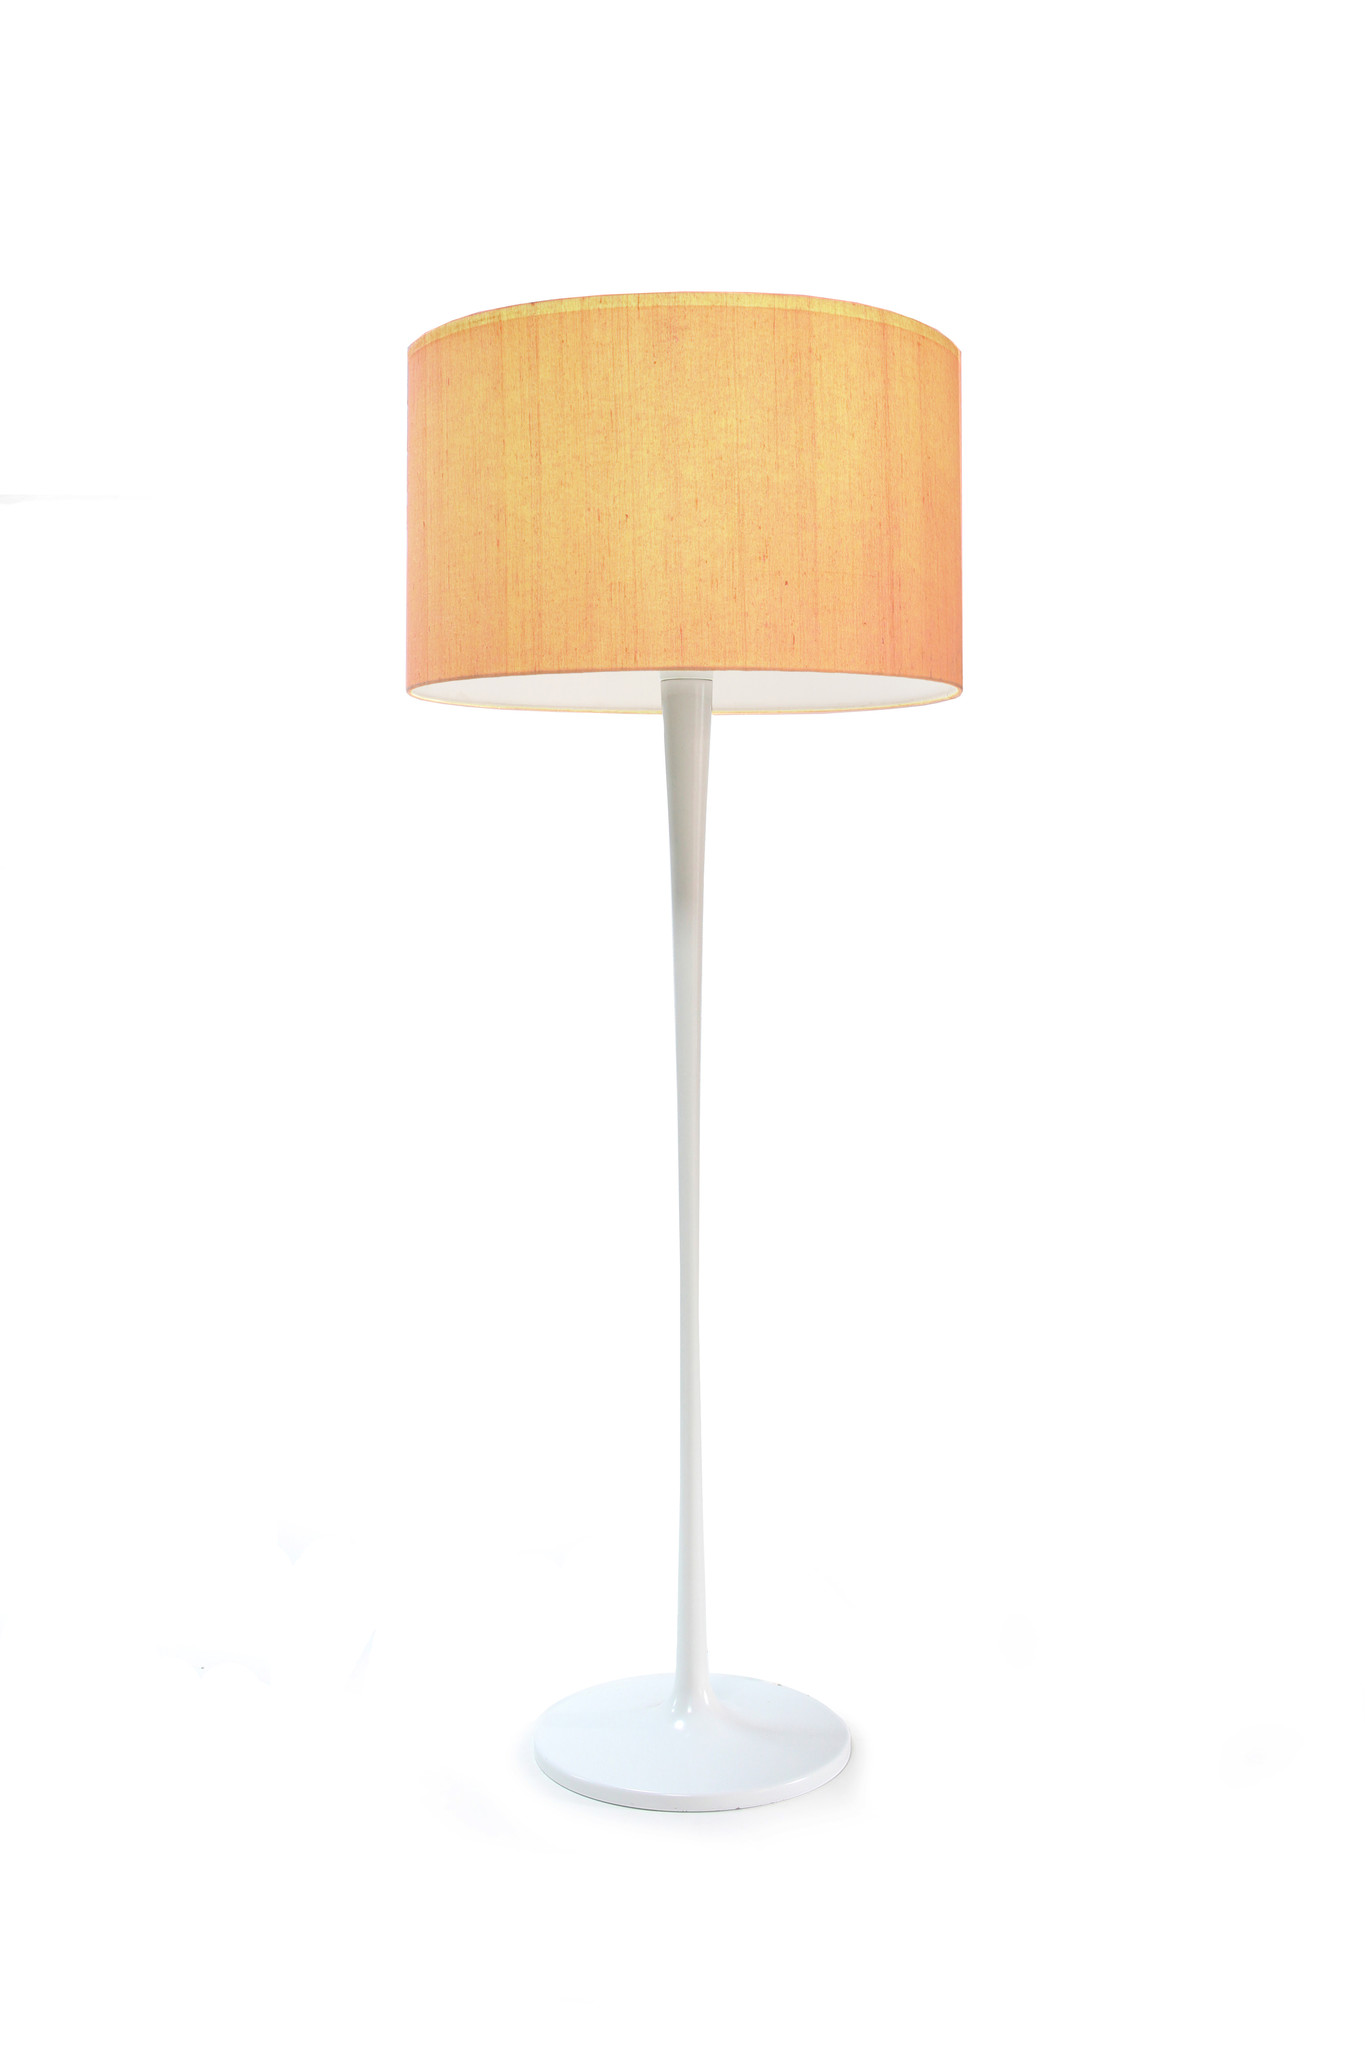 Tulip floor lamp, 1970s